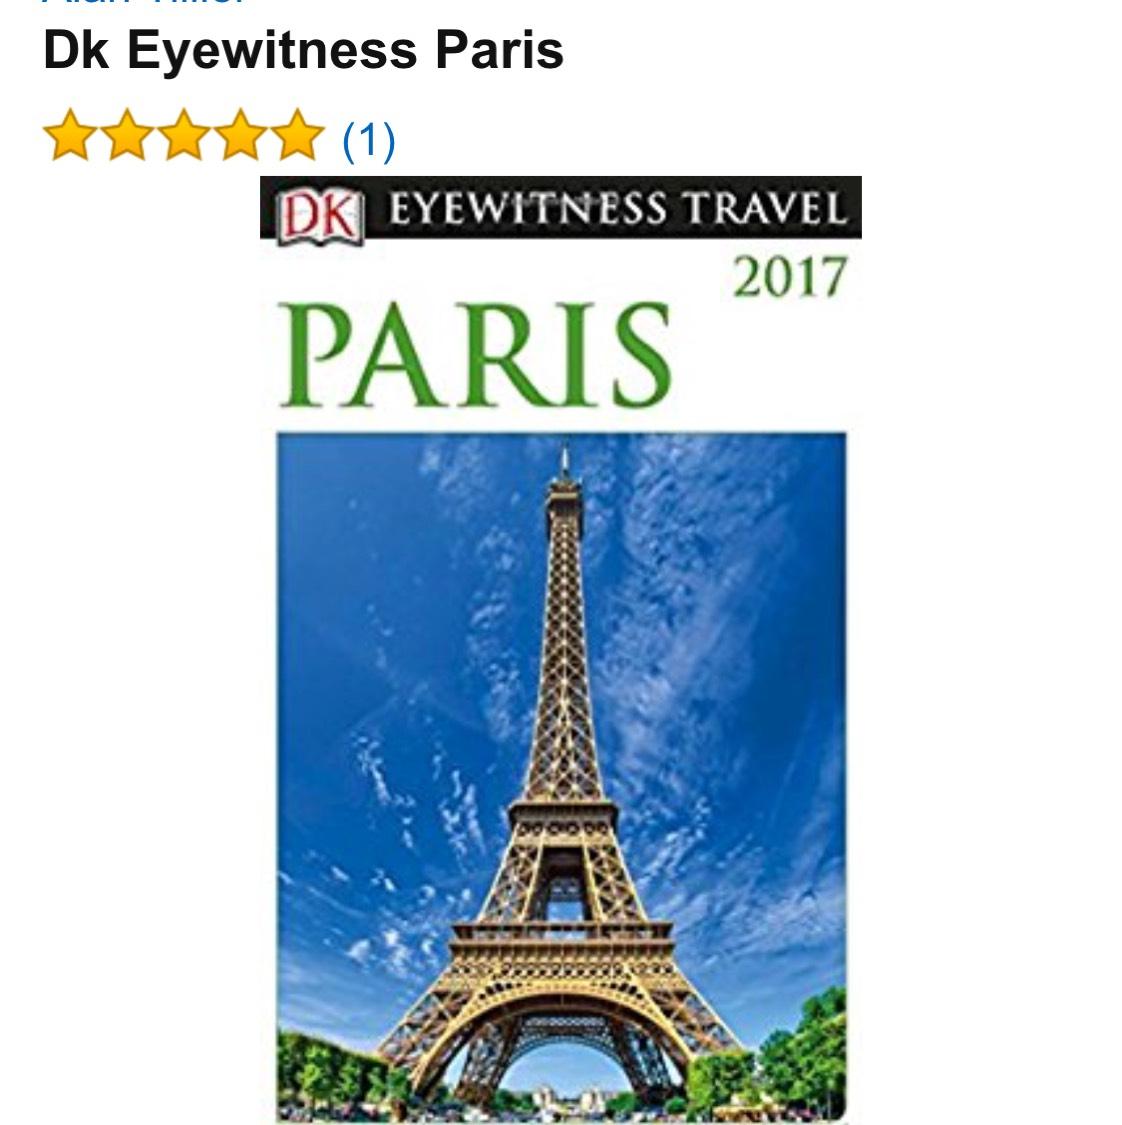 Amazon: Paris Travel Guide 2017 DK Eyewitness